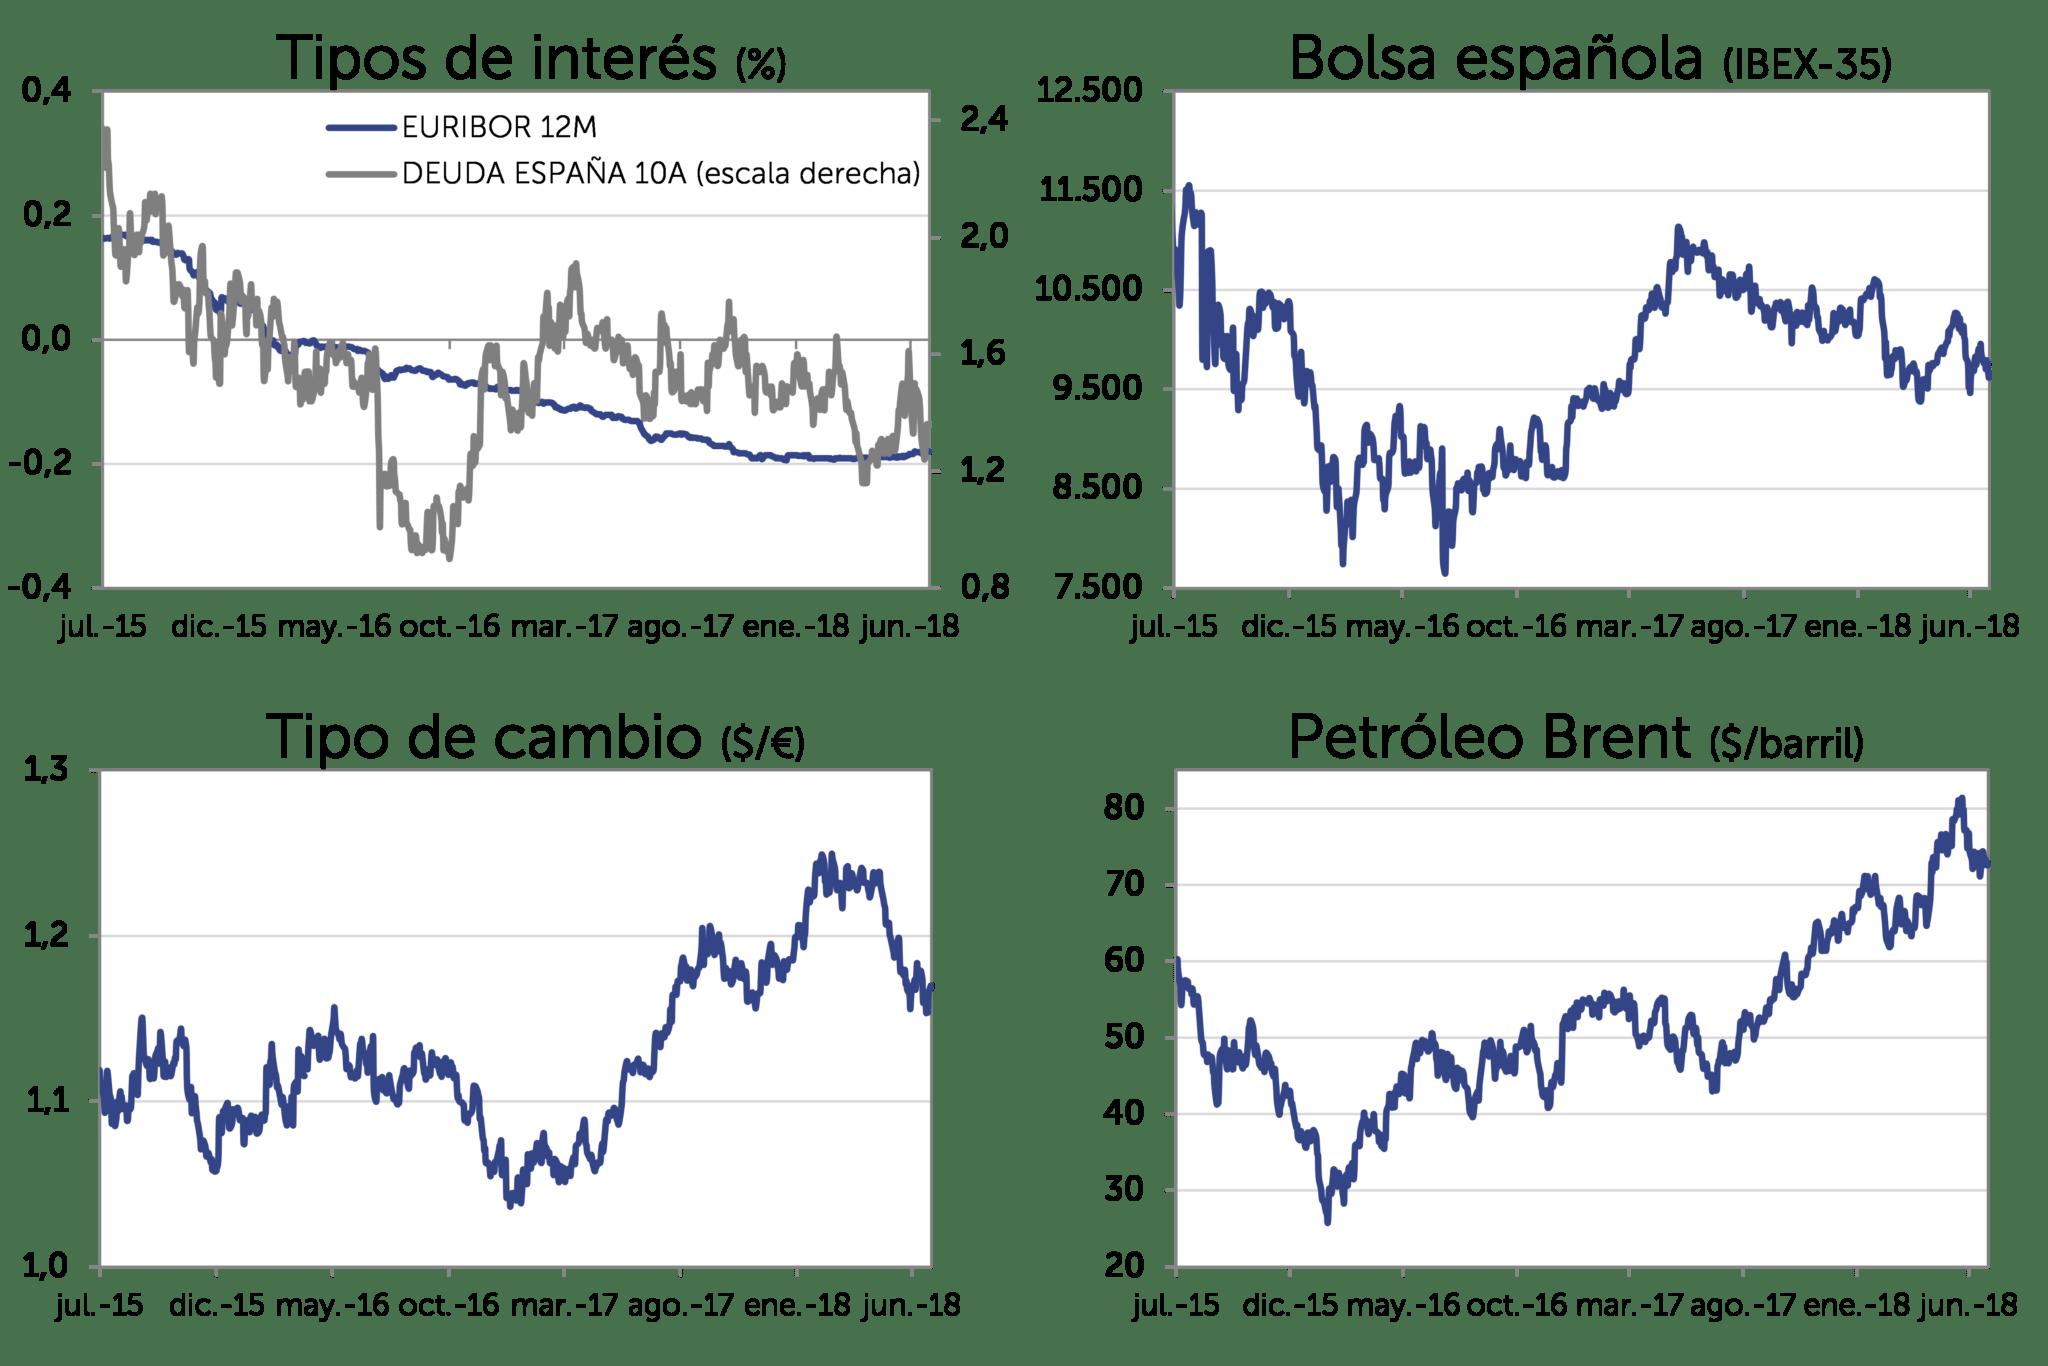 Evolución Mercado jun-2018: Tipos de interés, bolsa española (IBEX-35), Tipo de cambio (dolar/euro), Petróleo Brent (dolar/barril)